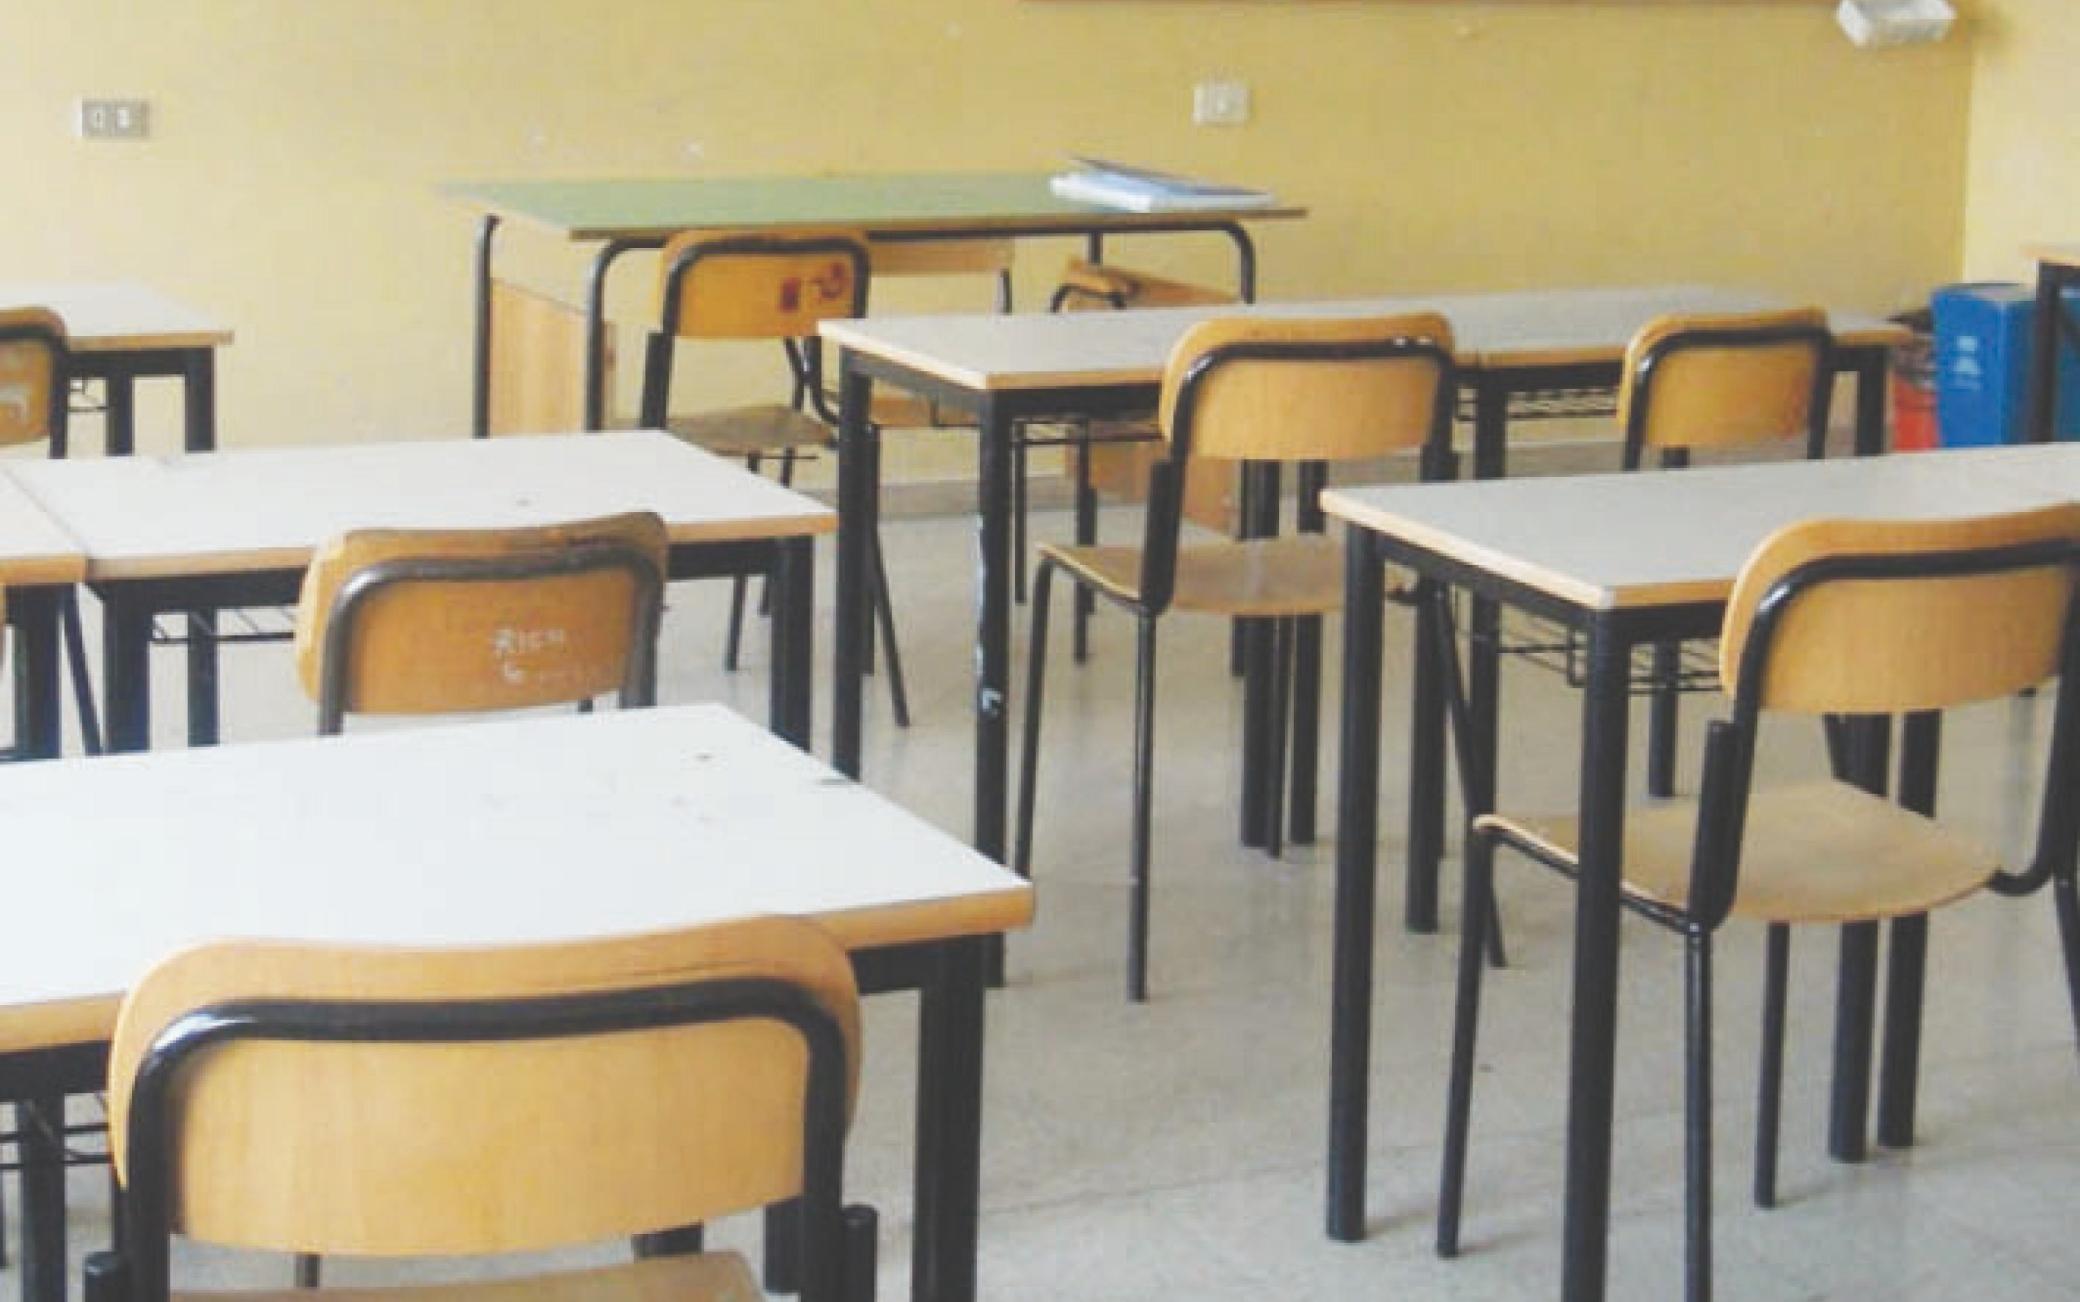 Nuovo Dpcm e scuola: le regole per la chiusura in zona rossa, arancione e  gialla - Viva Italia